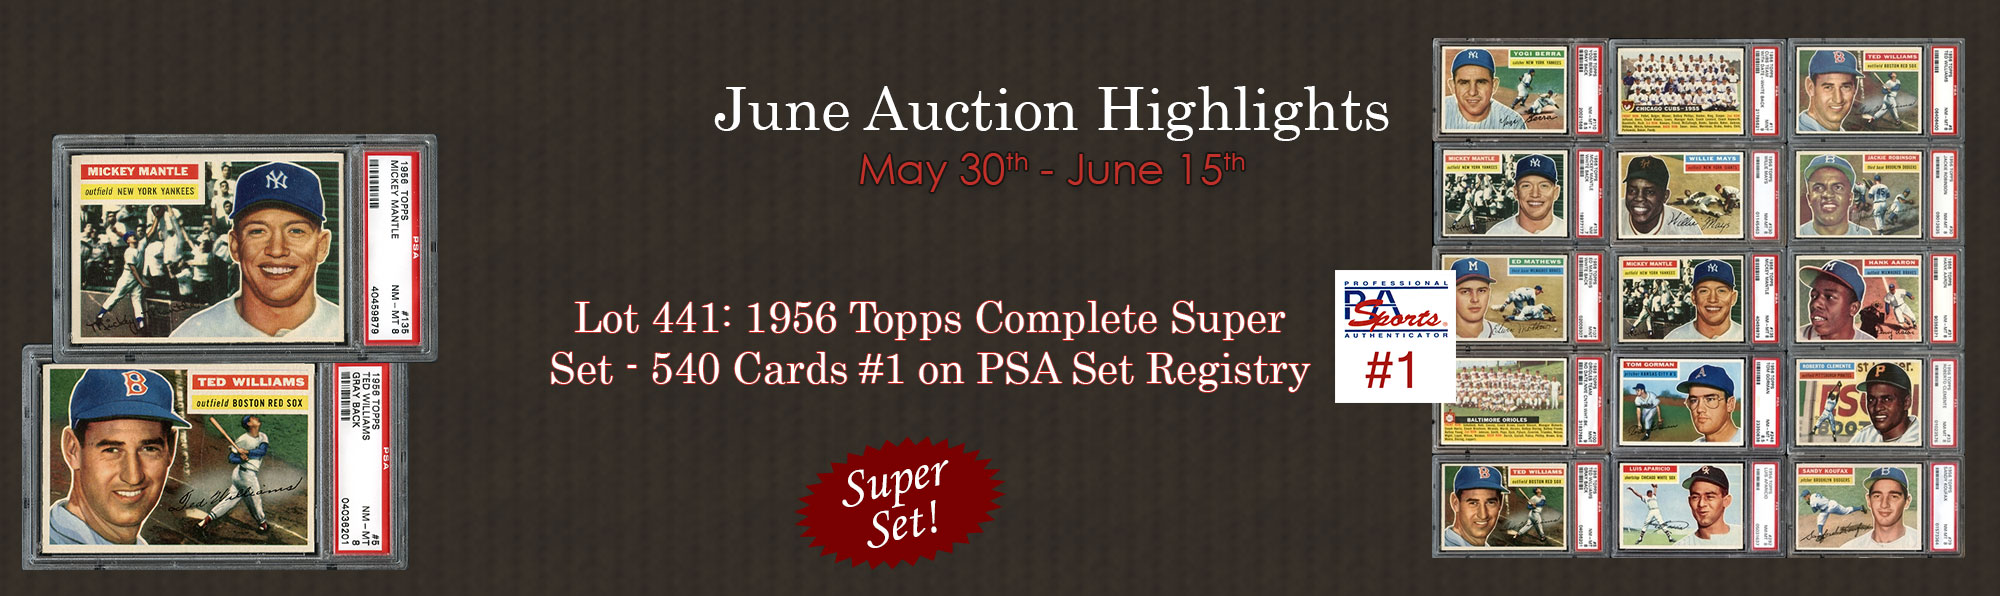 1956 Topps Complete Super Set - 540 Cards #1 on PSA Set Registry